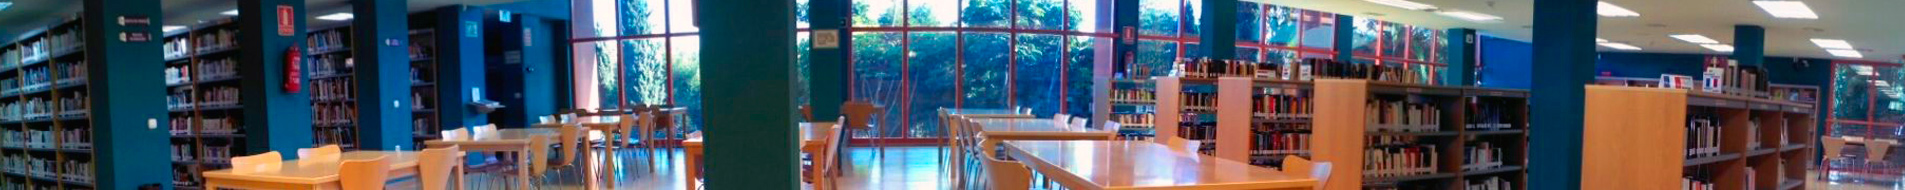 Bibliotecas - Interior